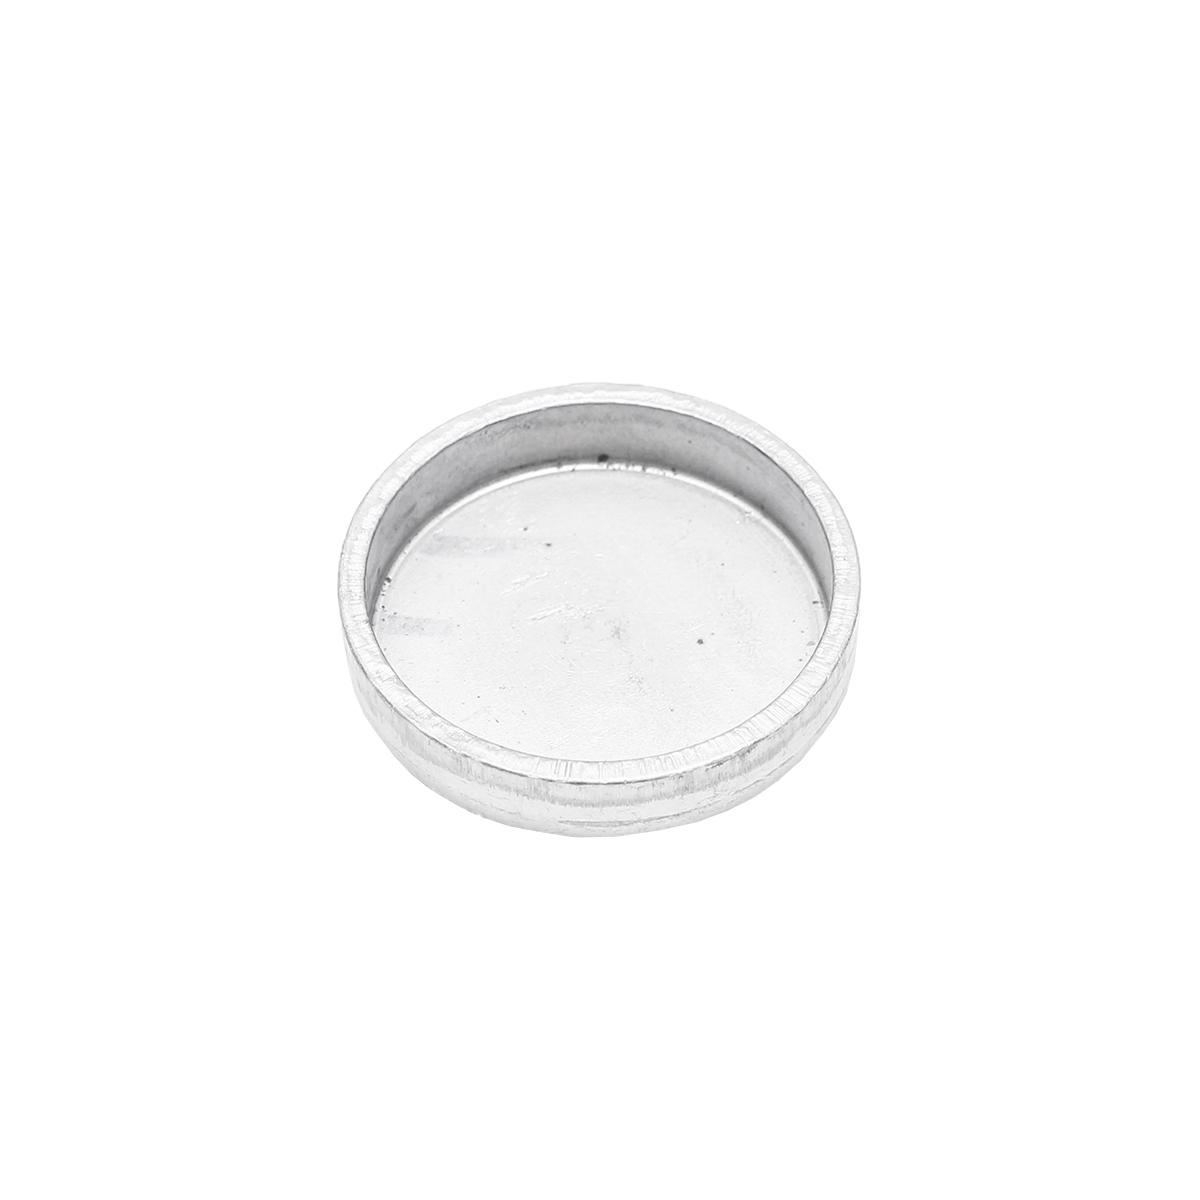 Dop gheata fi 40 (capac etansare)